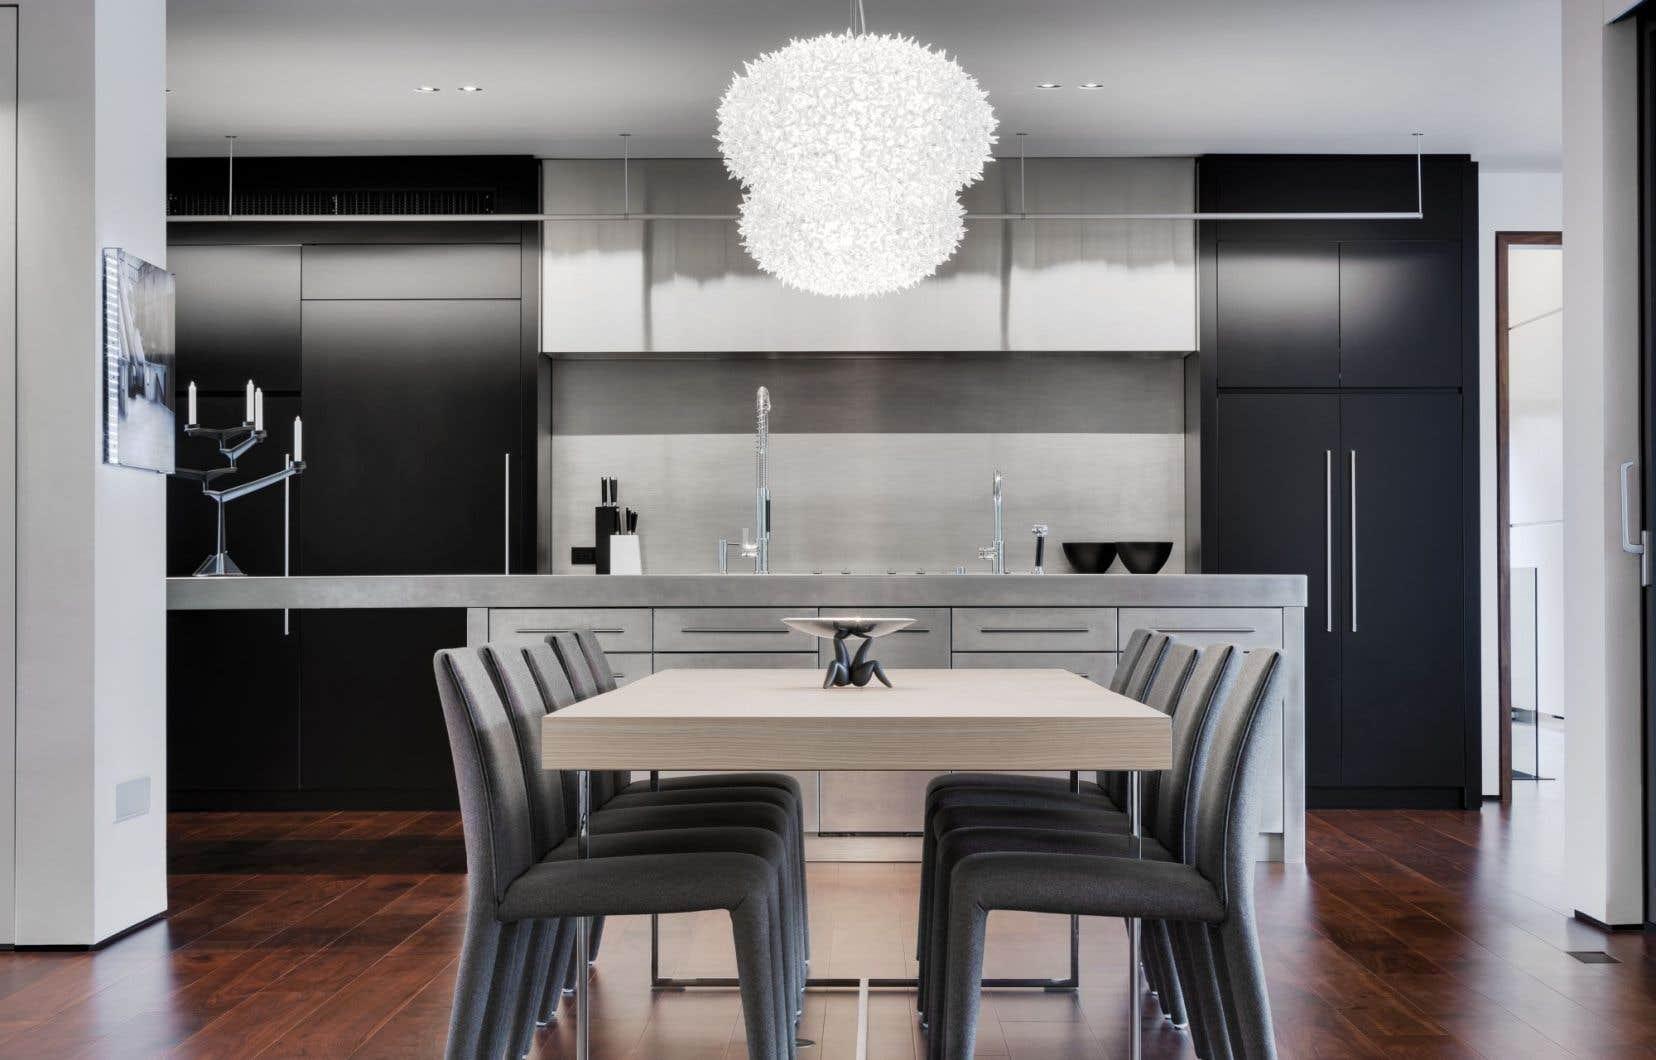 Réalisé en 2012, le projet Iron Lace, de la firme Desjardins Bherer, a été couronné l'année suivante d'un Grand Prix du design dans la catégorie Espace résidentiel de plus de 3200 pi2.